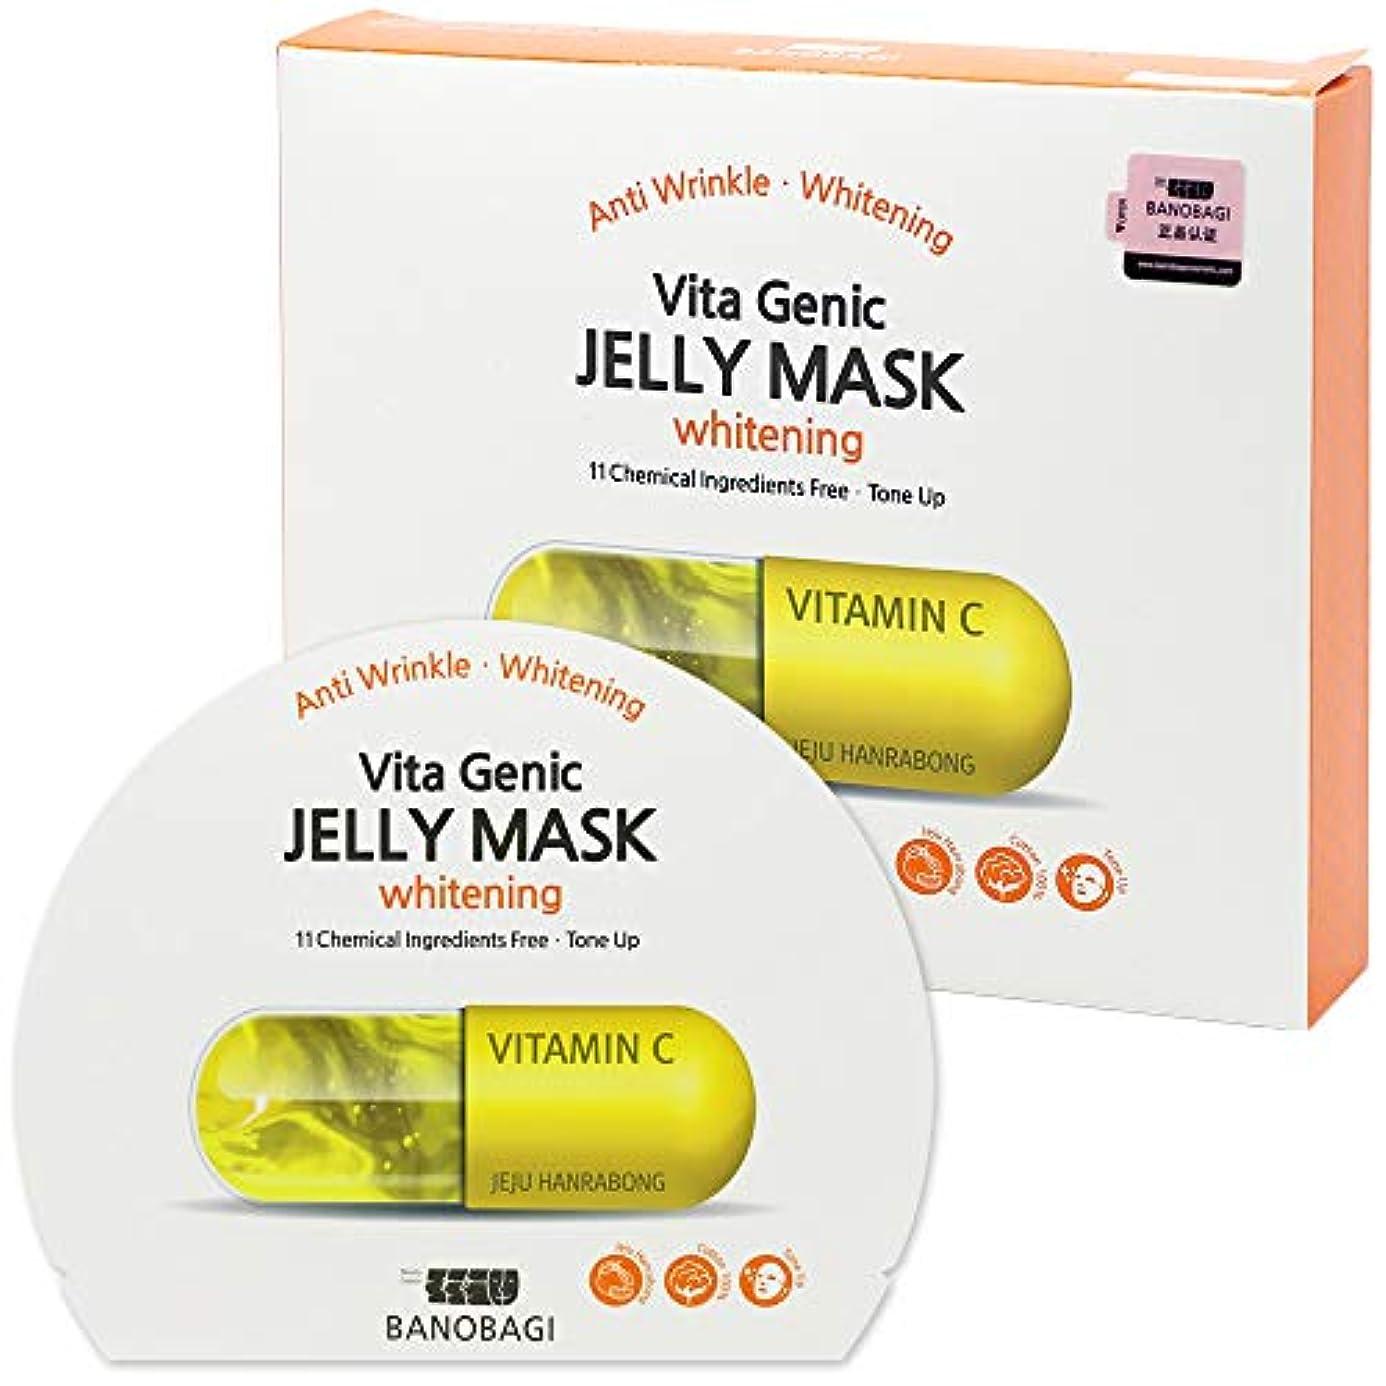 マーティンルーサーキングジュニア害具体的にバナバギ[BANOBAGI] ヴィータジェニックゼリーマスク★ホワイトニング(黄色)30mlx10P / Vita Genic Jelly Mask (Whitening-Yellow)